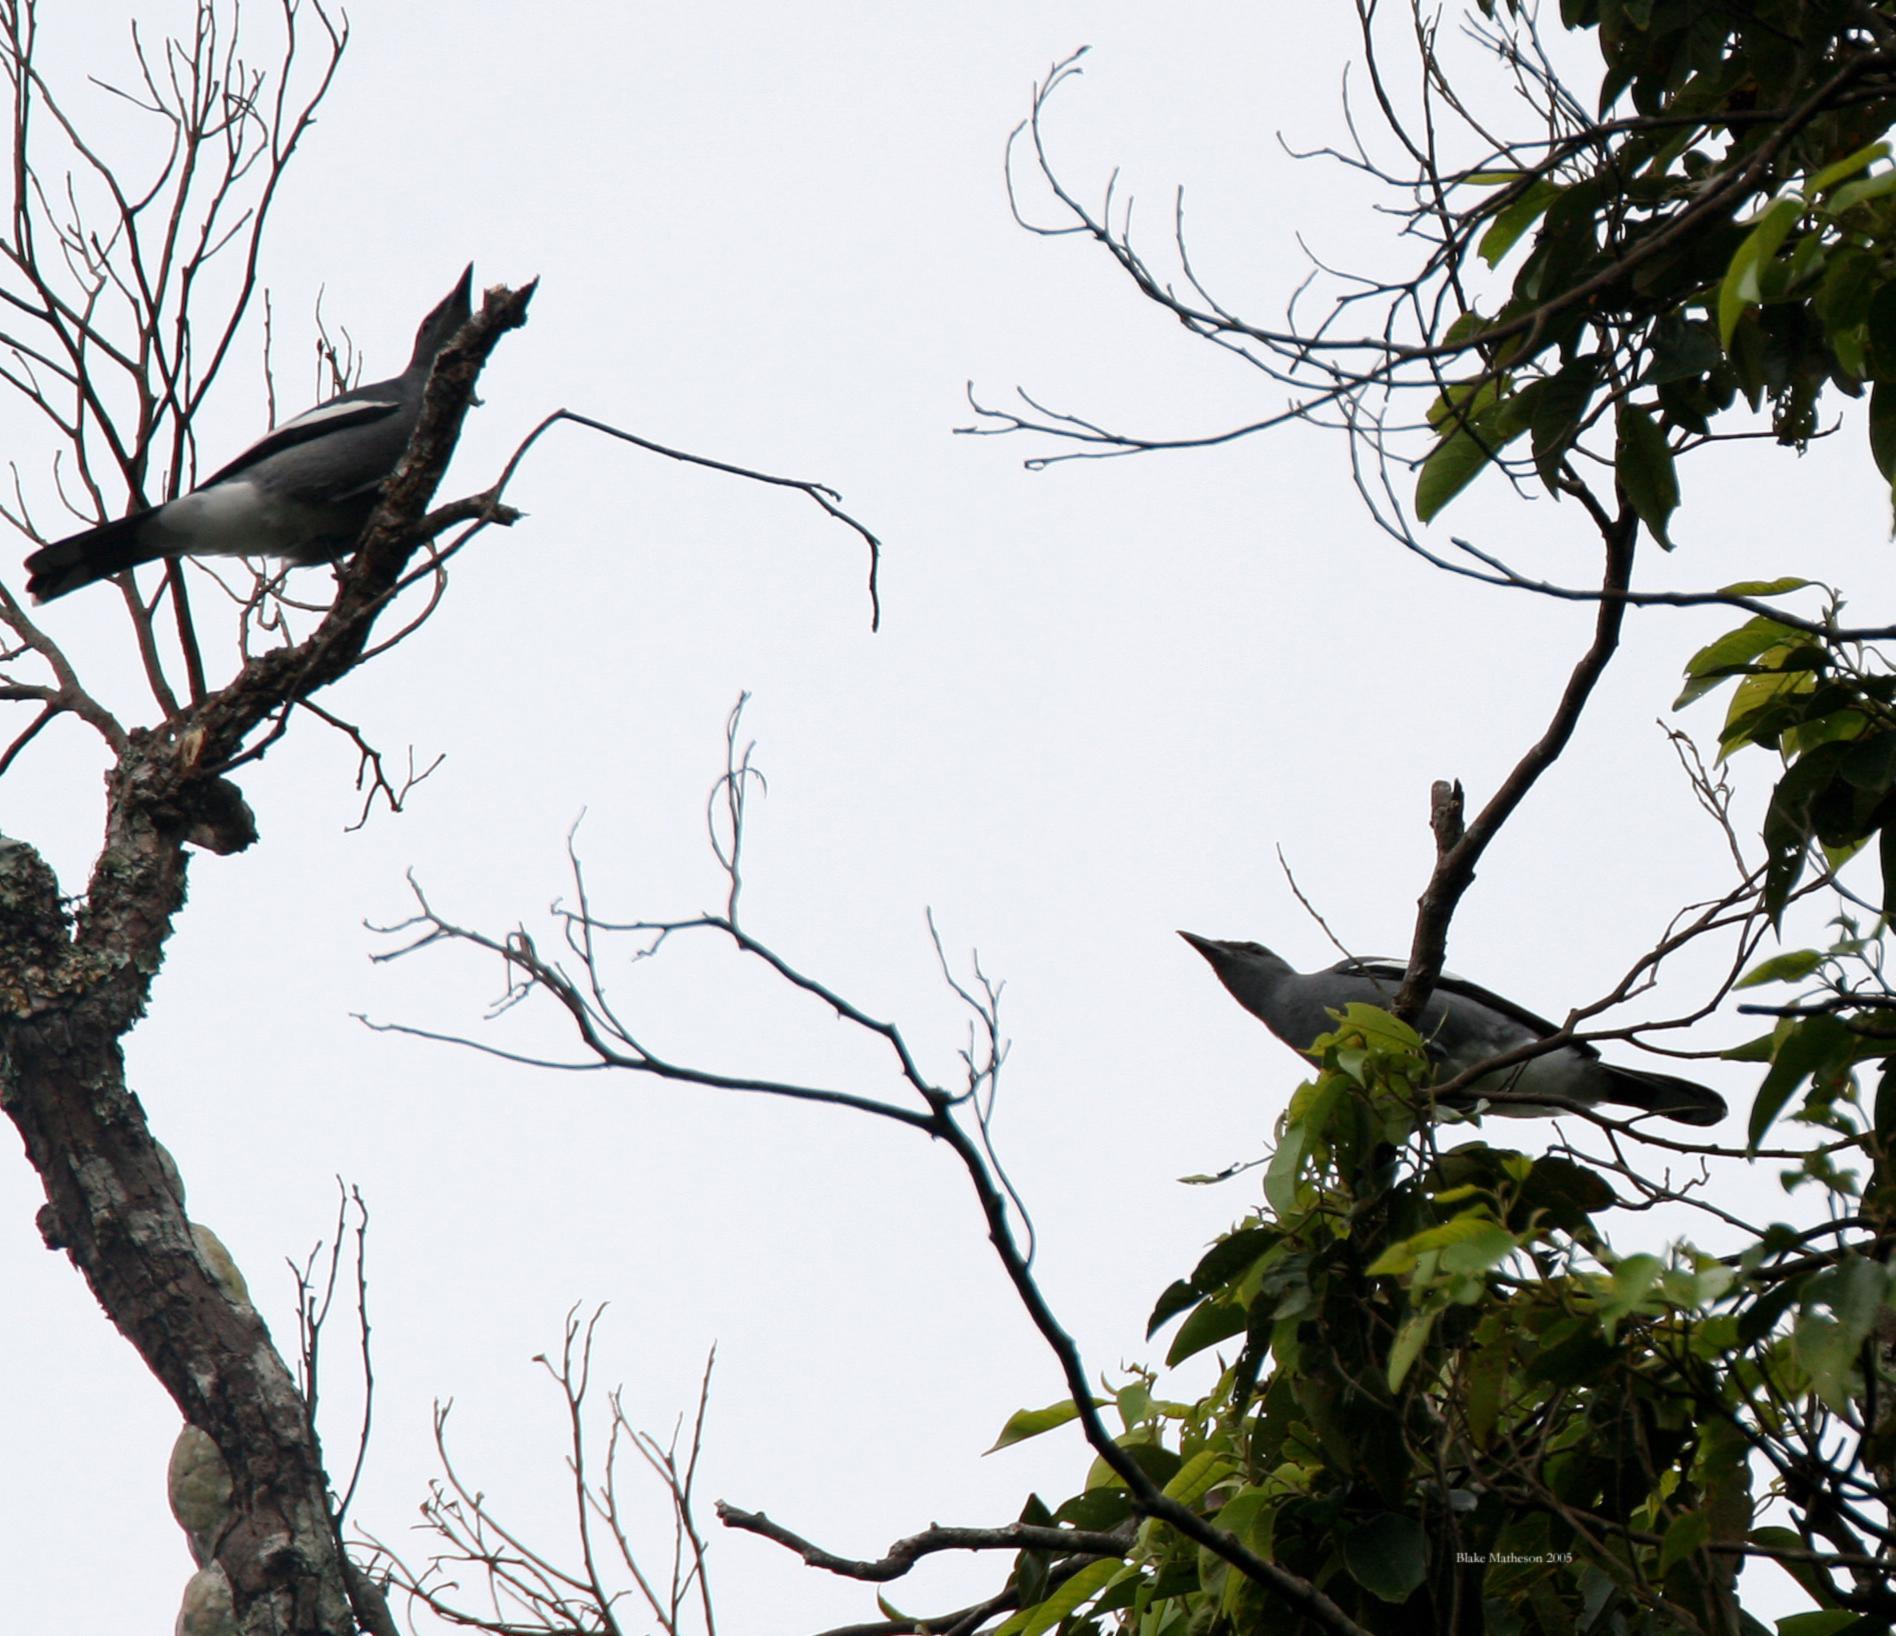 Image of White-winged Cuckooshrike